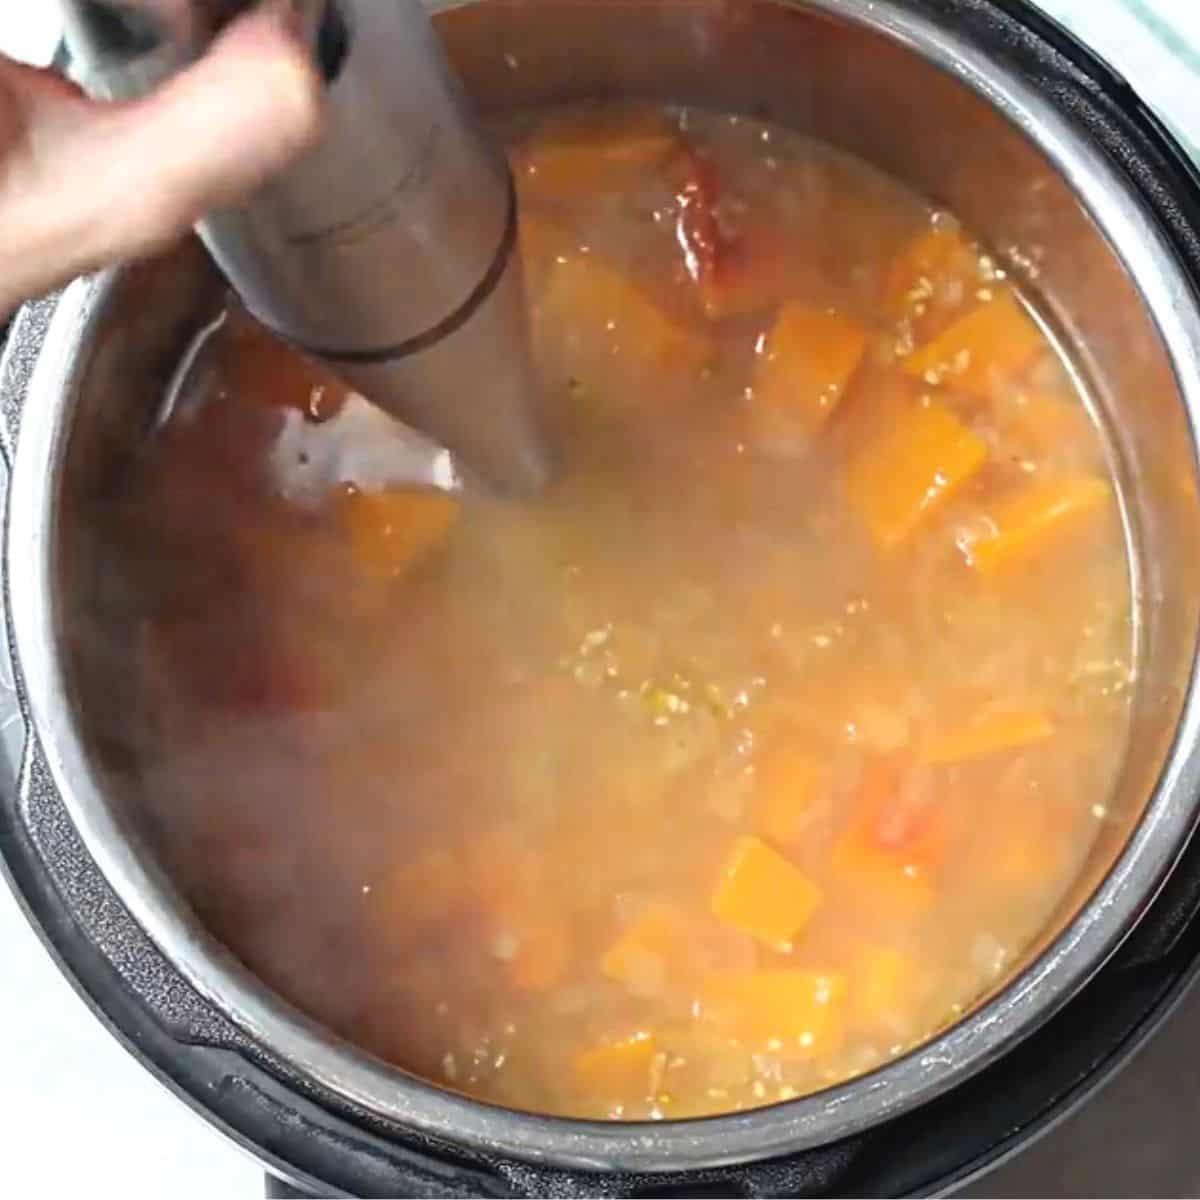 Immersion blender blending squash soup insider inner pot of instant pot.